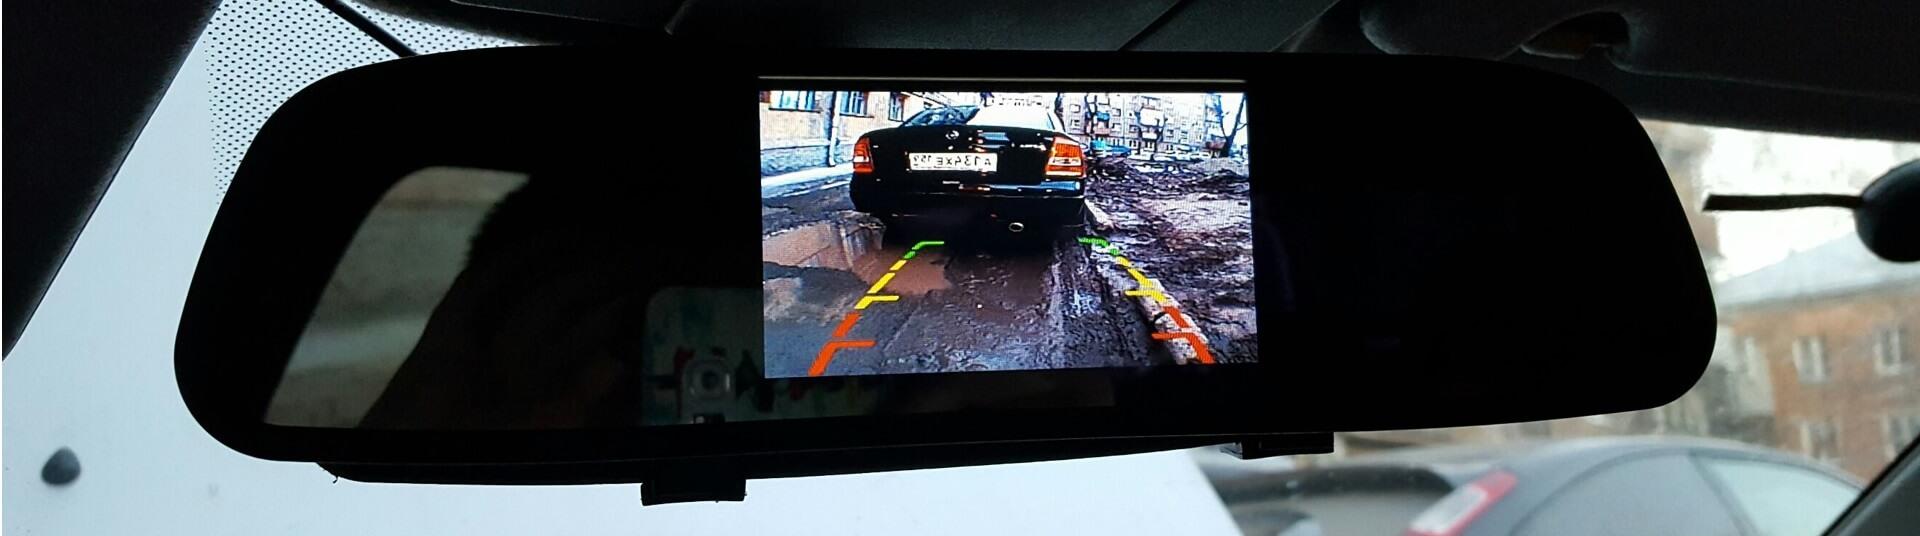 Фото установки камеры заднего вида на автомобиль 2